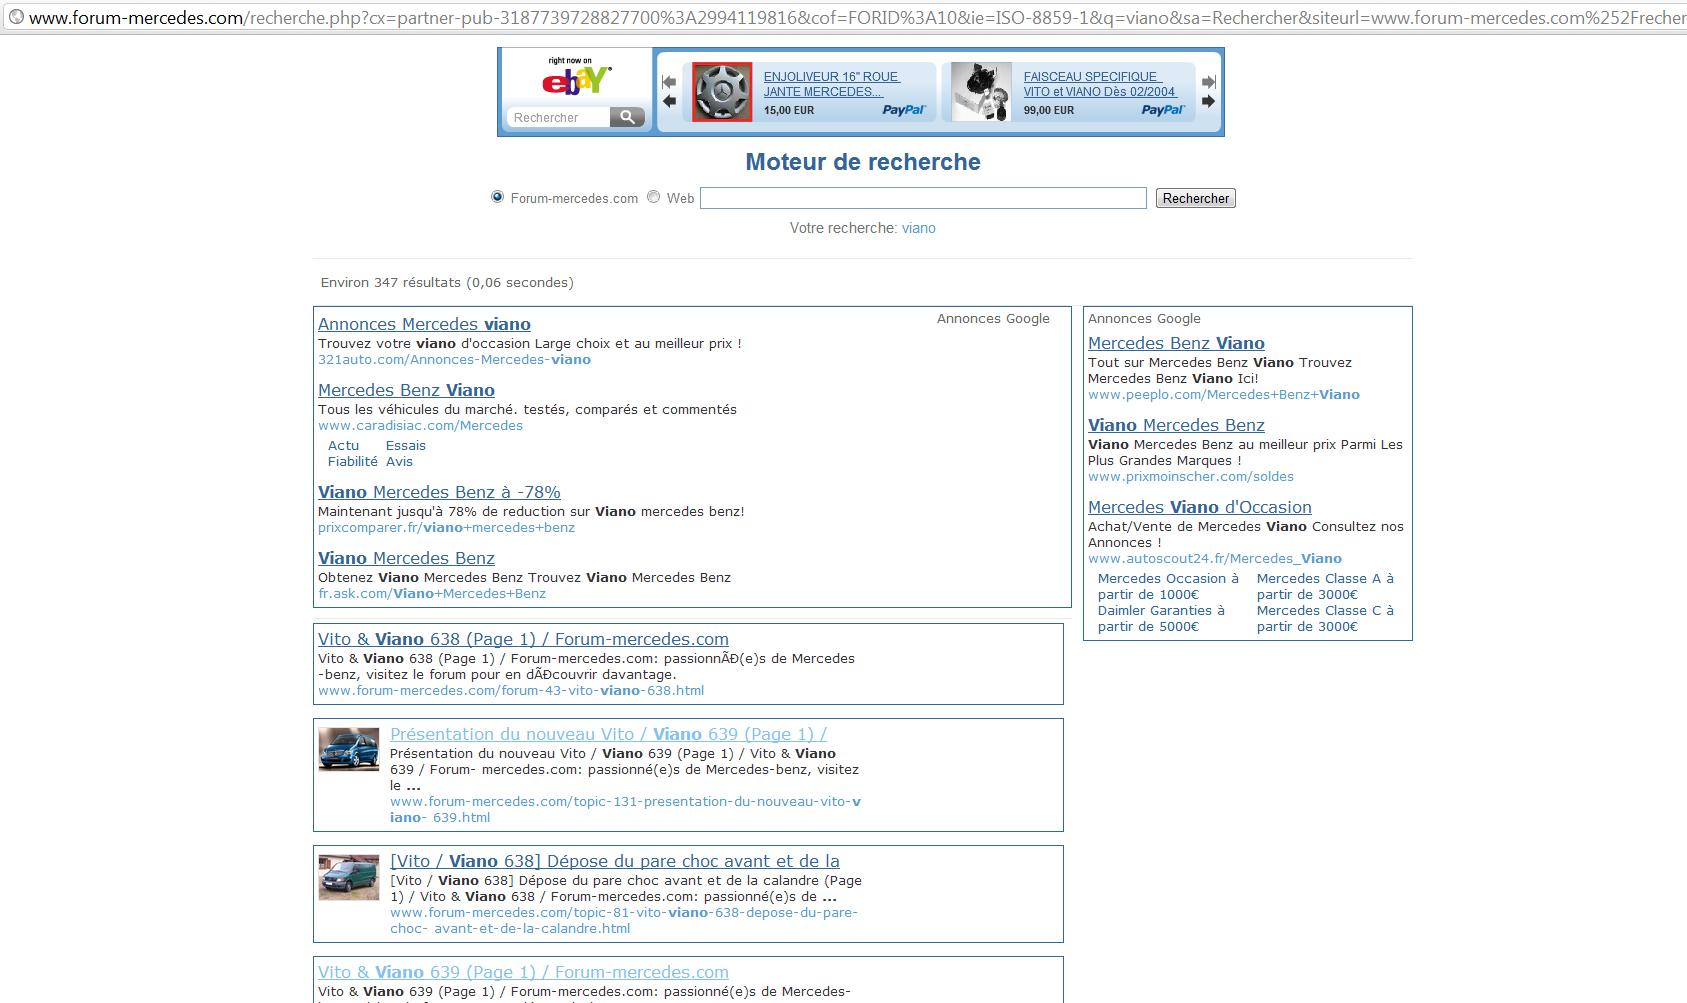 moteur-de-recherche-mot-cle-viano.png